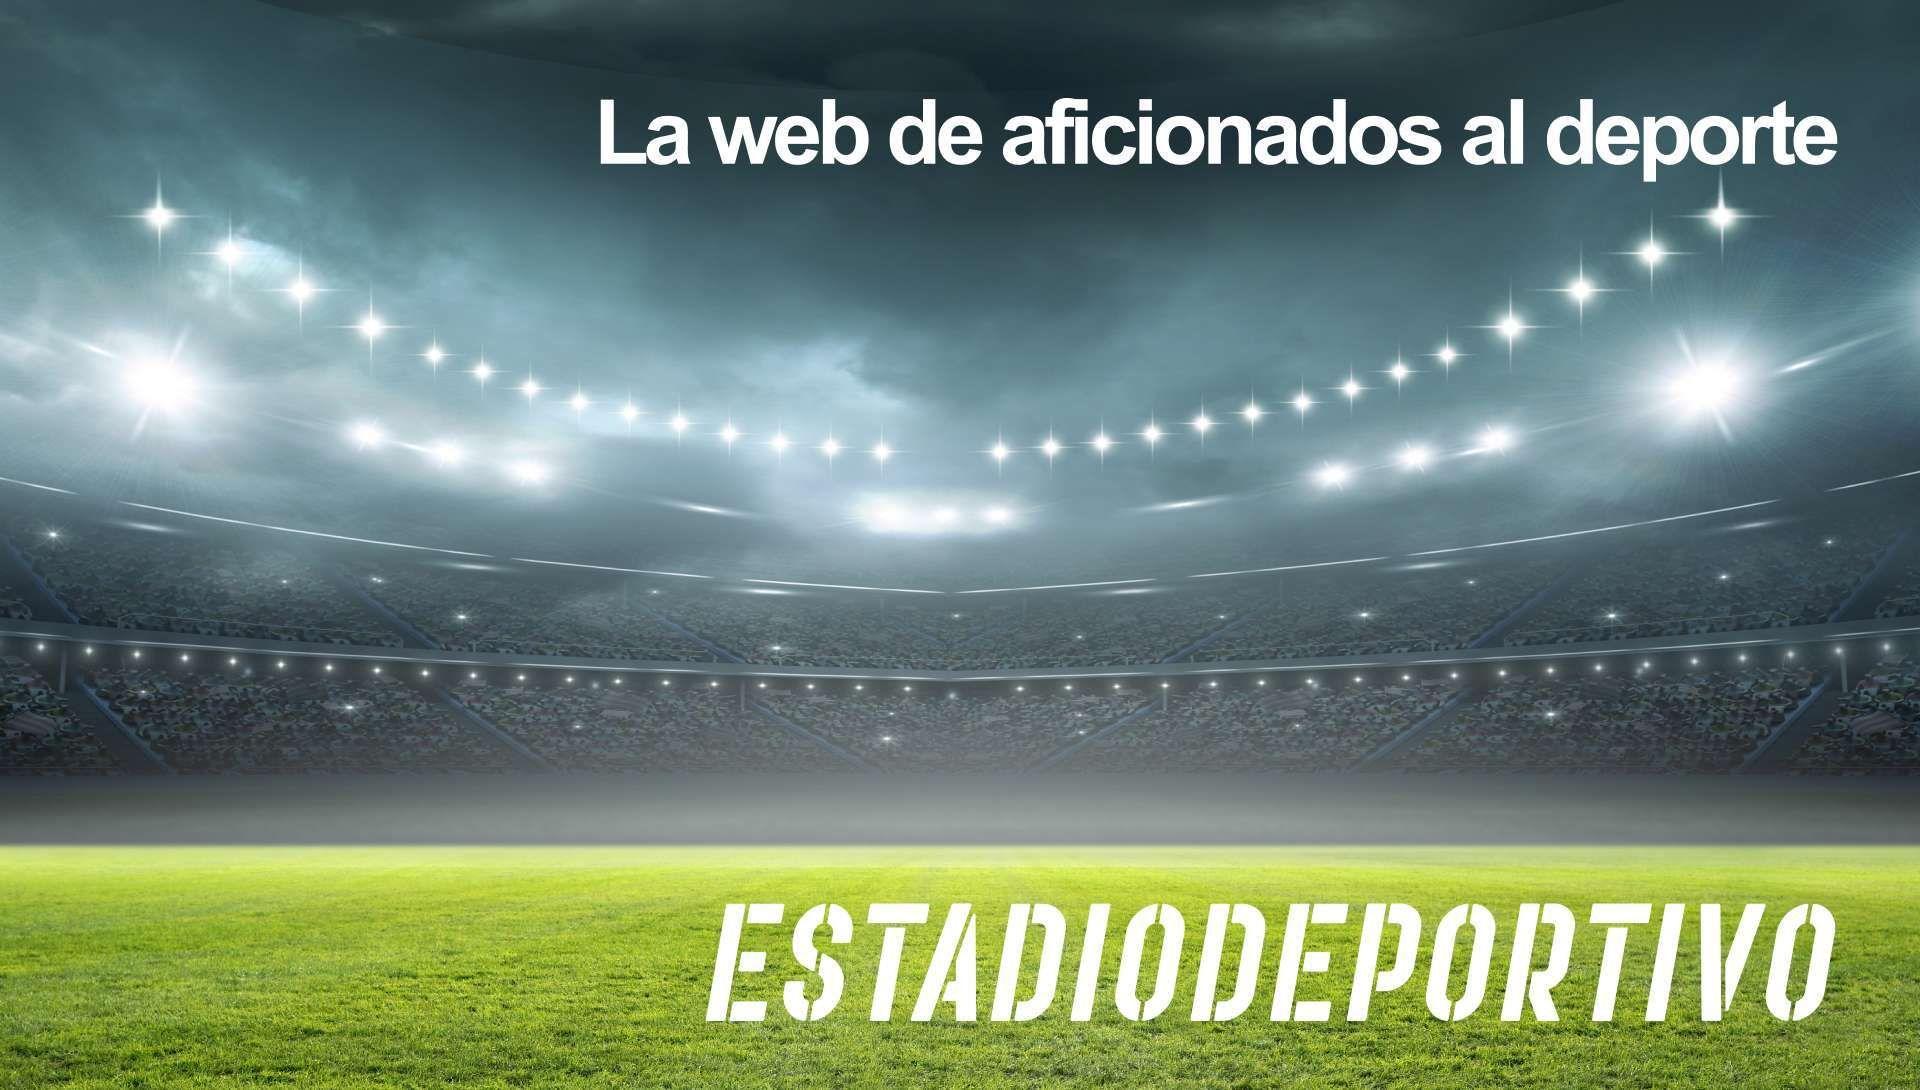 Las portadas del viernes 19 de febrero